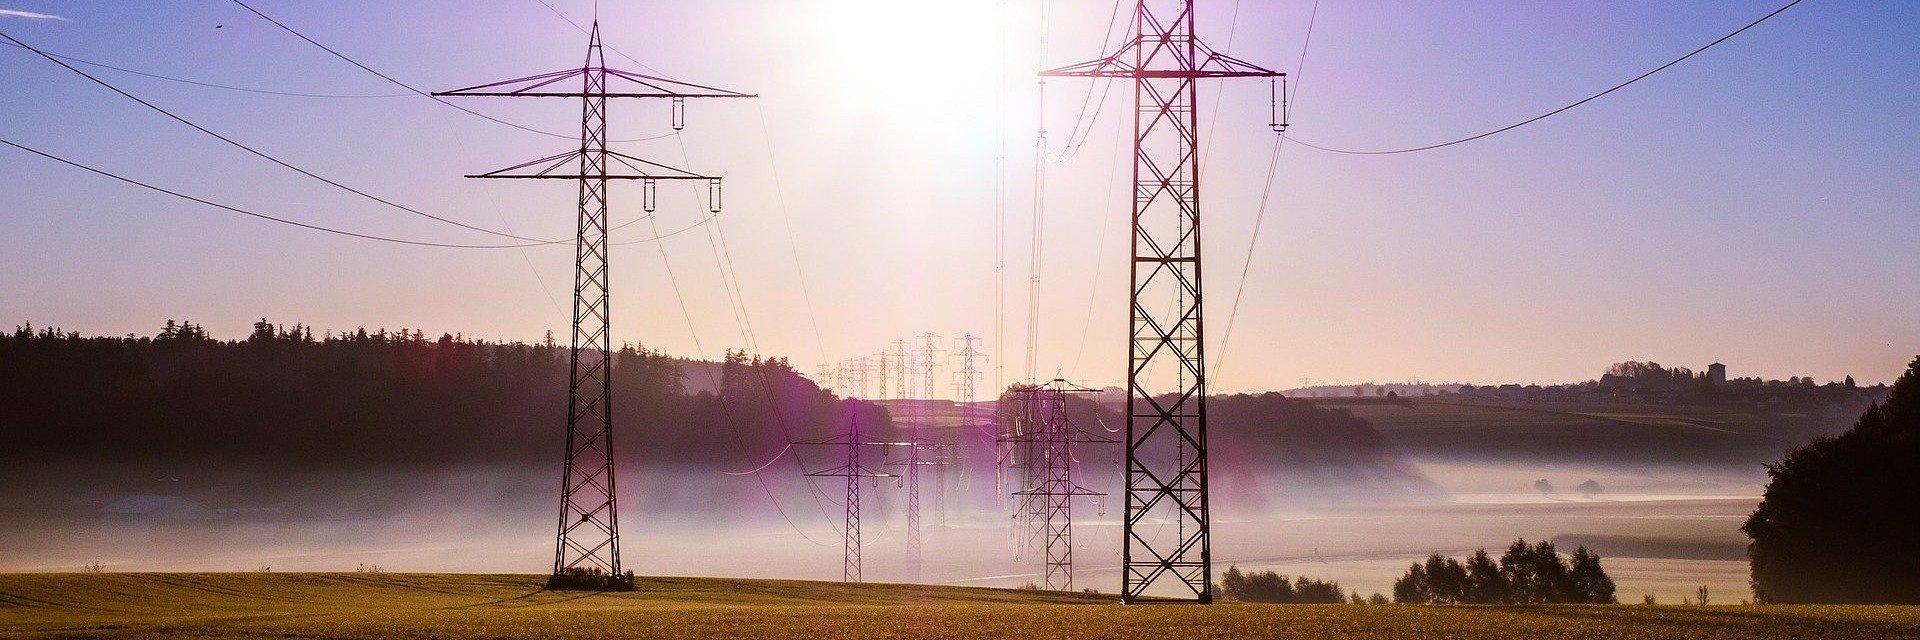 Ceny prądu wzrosną przez opłatę mocową! Czym jest i jak zapobiec podwyżkom?